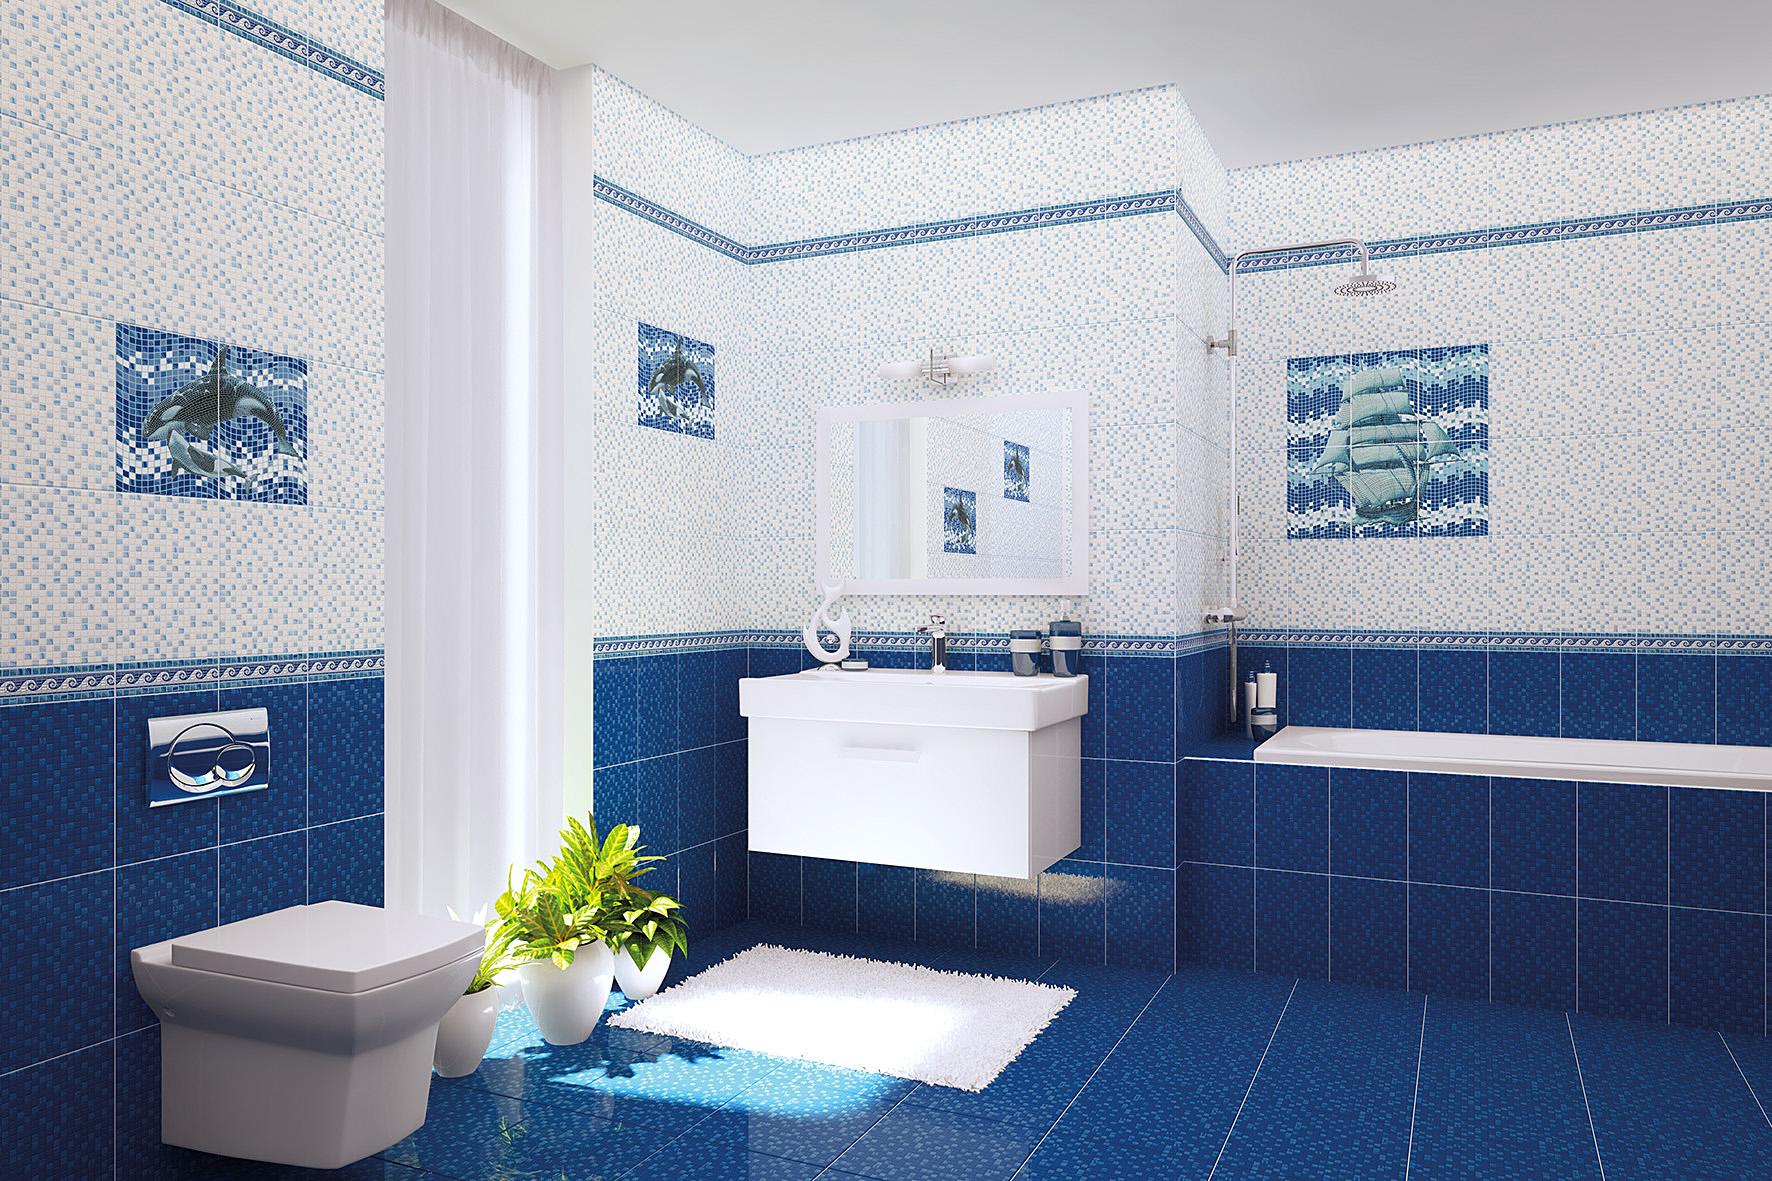 Как выбрать напольную плитку в ванную?